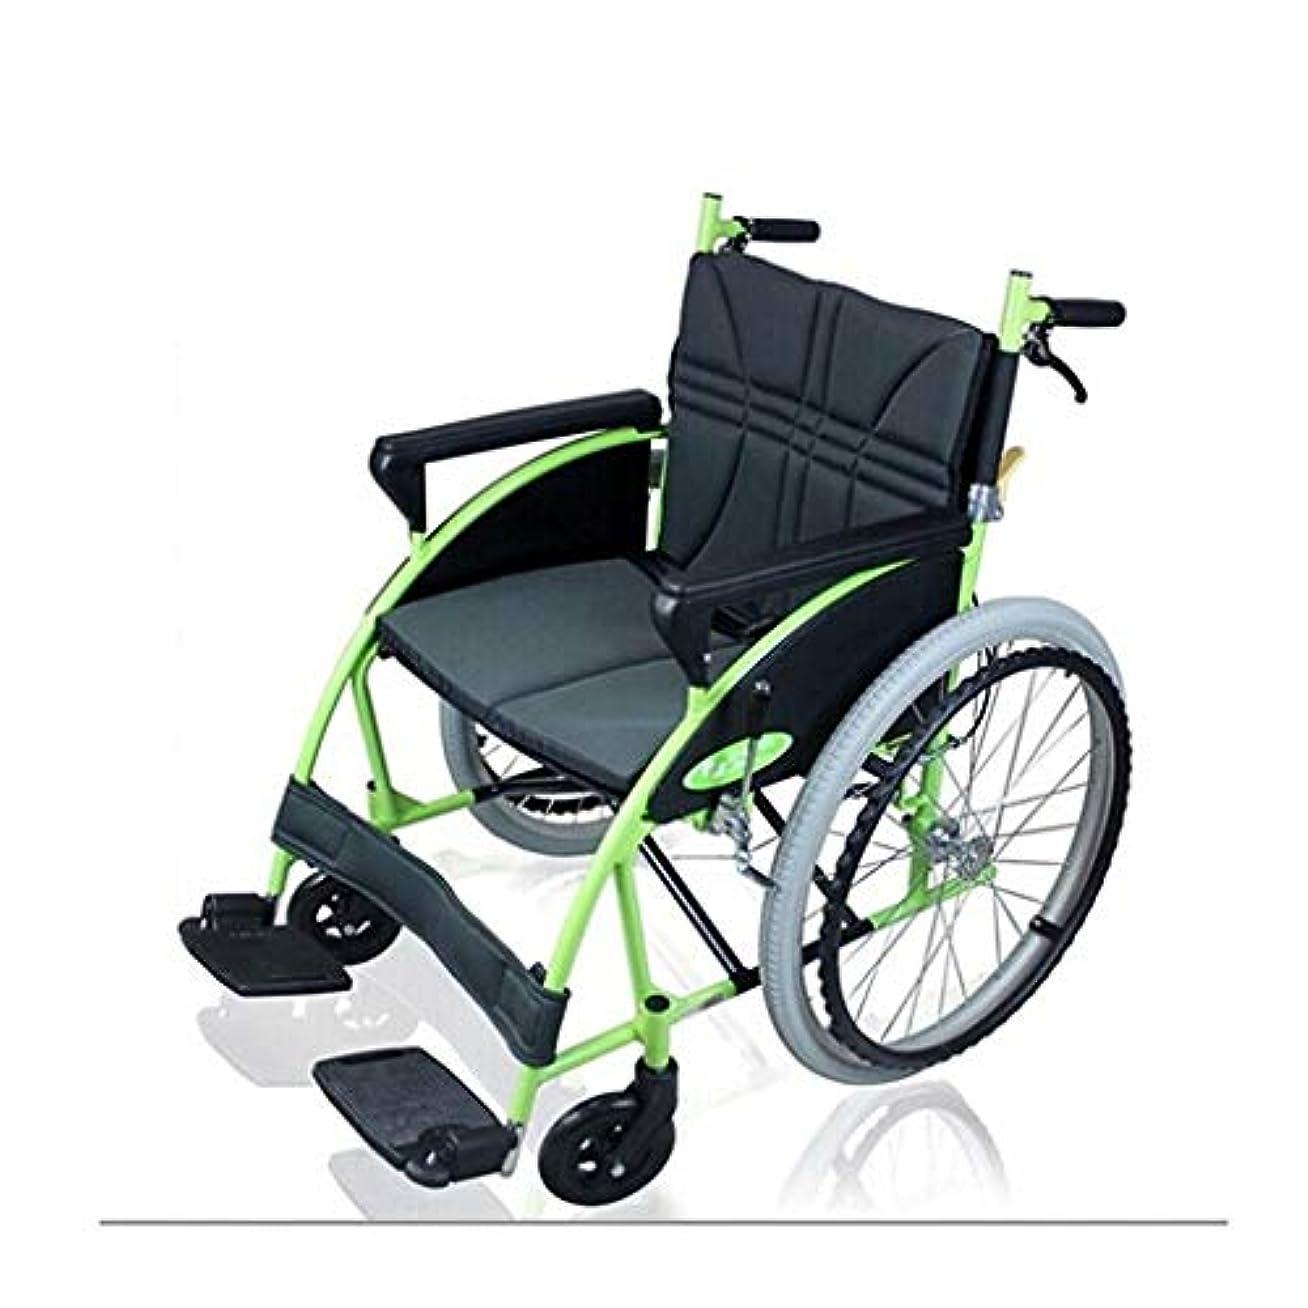 栄光時間振幅アルミ合金車椅子折りたたみポータブル障害者高齢者車椅子4ブレーキデザインバックストレージバッグ